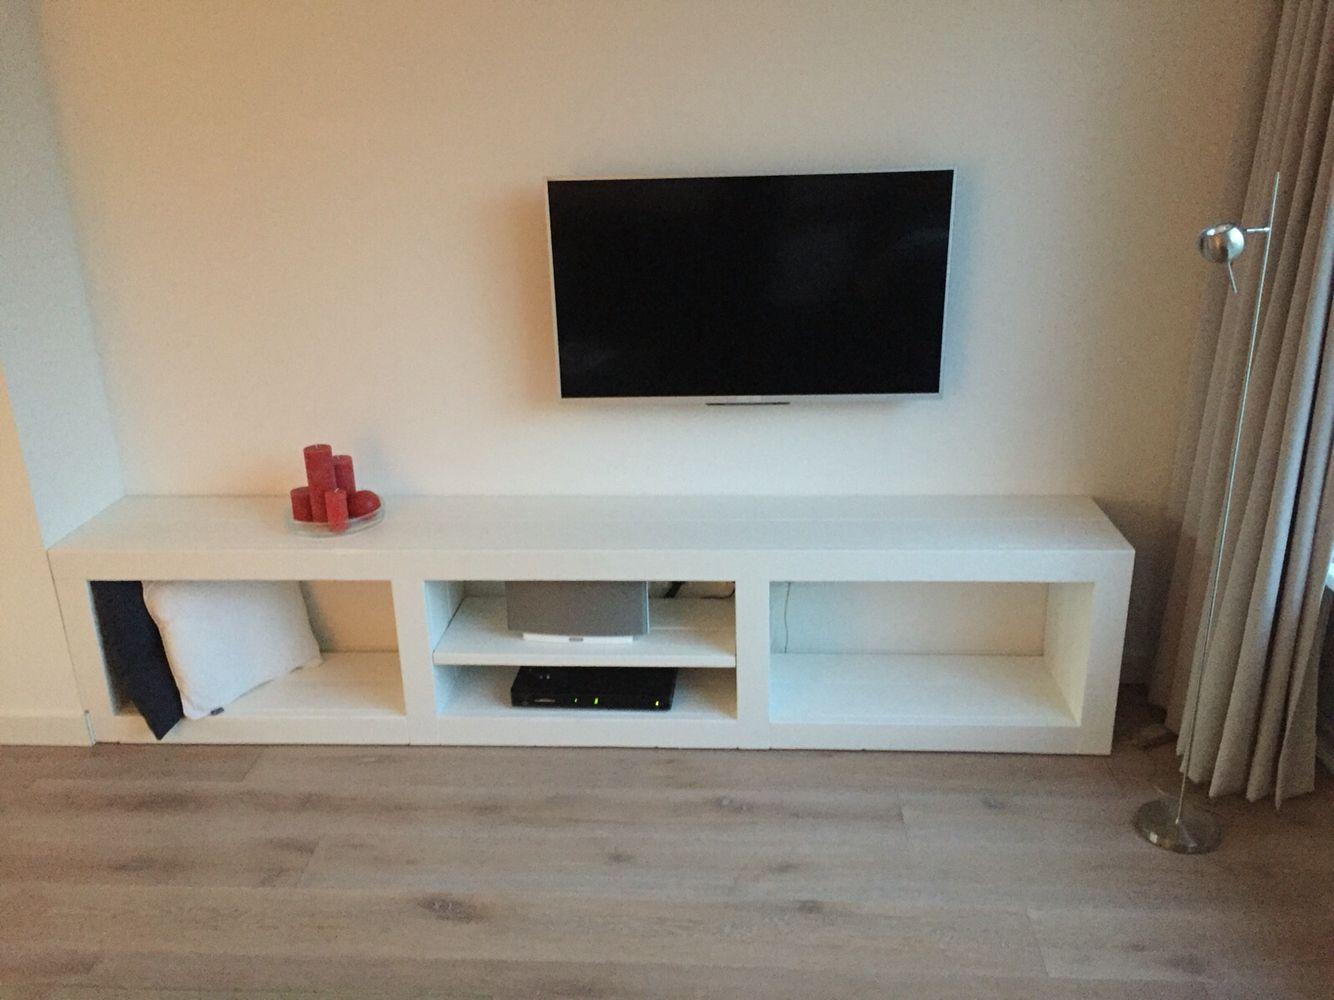 101 Woonideeen Tv Meubel.Tv Meubel Wood By Studio Fien Furniture Studio Fien Label Shop Www